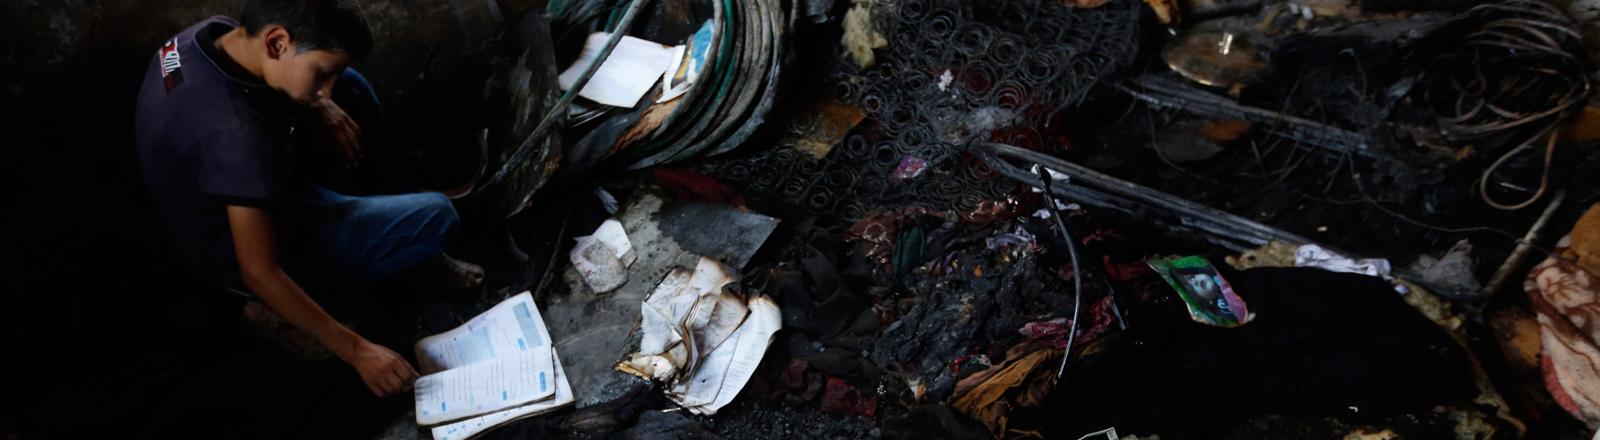 Nach einem Brandanschlag Ende Juli 2015 in Duma im Westjordanland - mutmaßlich durch jüdischen Extremisten - kamen ein palästinensisches Baby und sein Vater ums Leben.